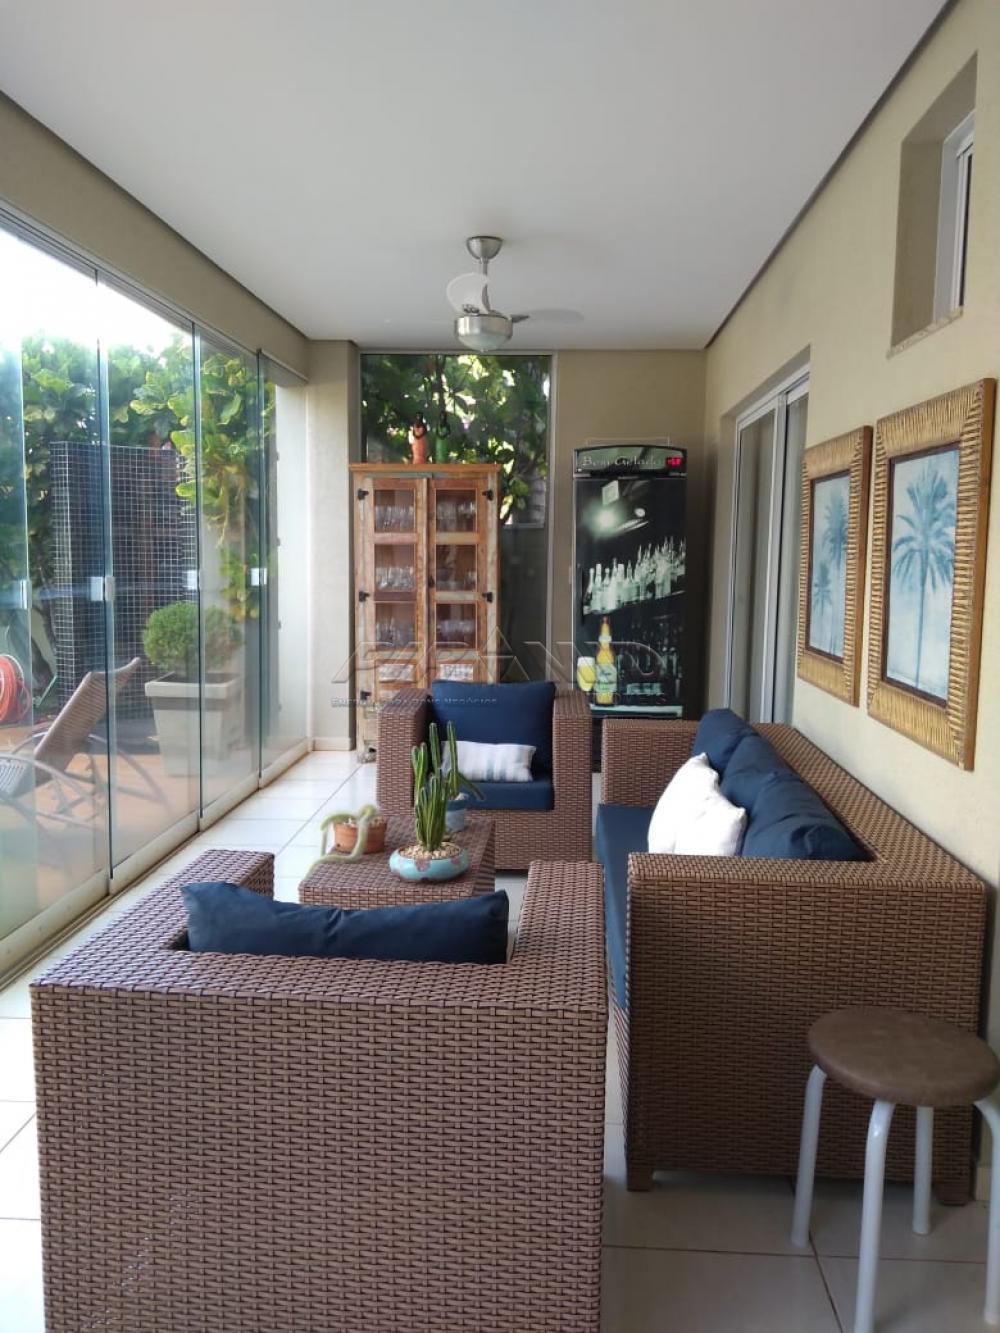 Comprar Casa / Condomínio em Ribeirão Preto R$ 2.330.000,00 - Foto 9